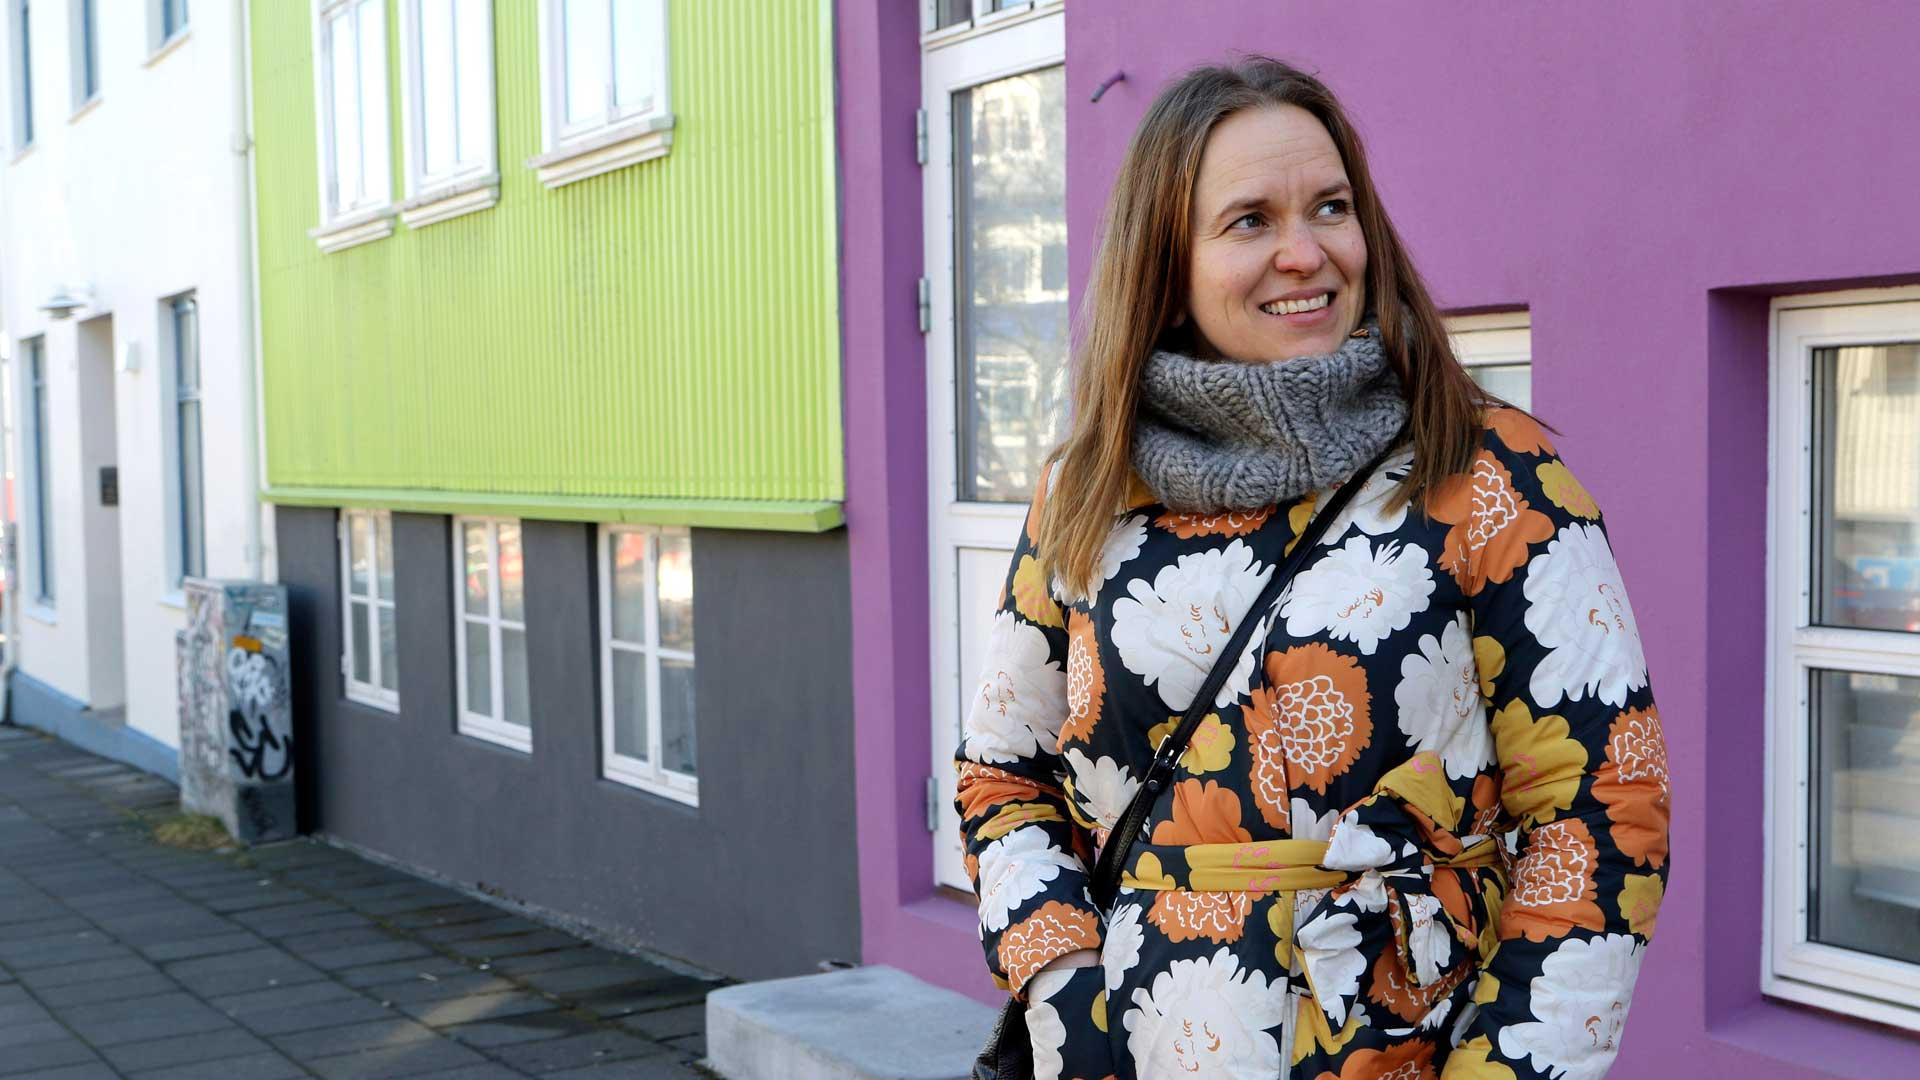 Satu Rämö vertaa Reykjavikin talojen ulkoseinien värejä osuvasti räsymattoon.